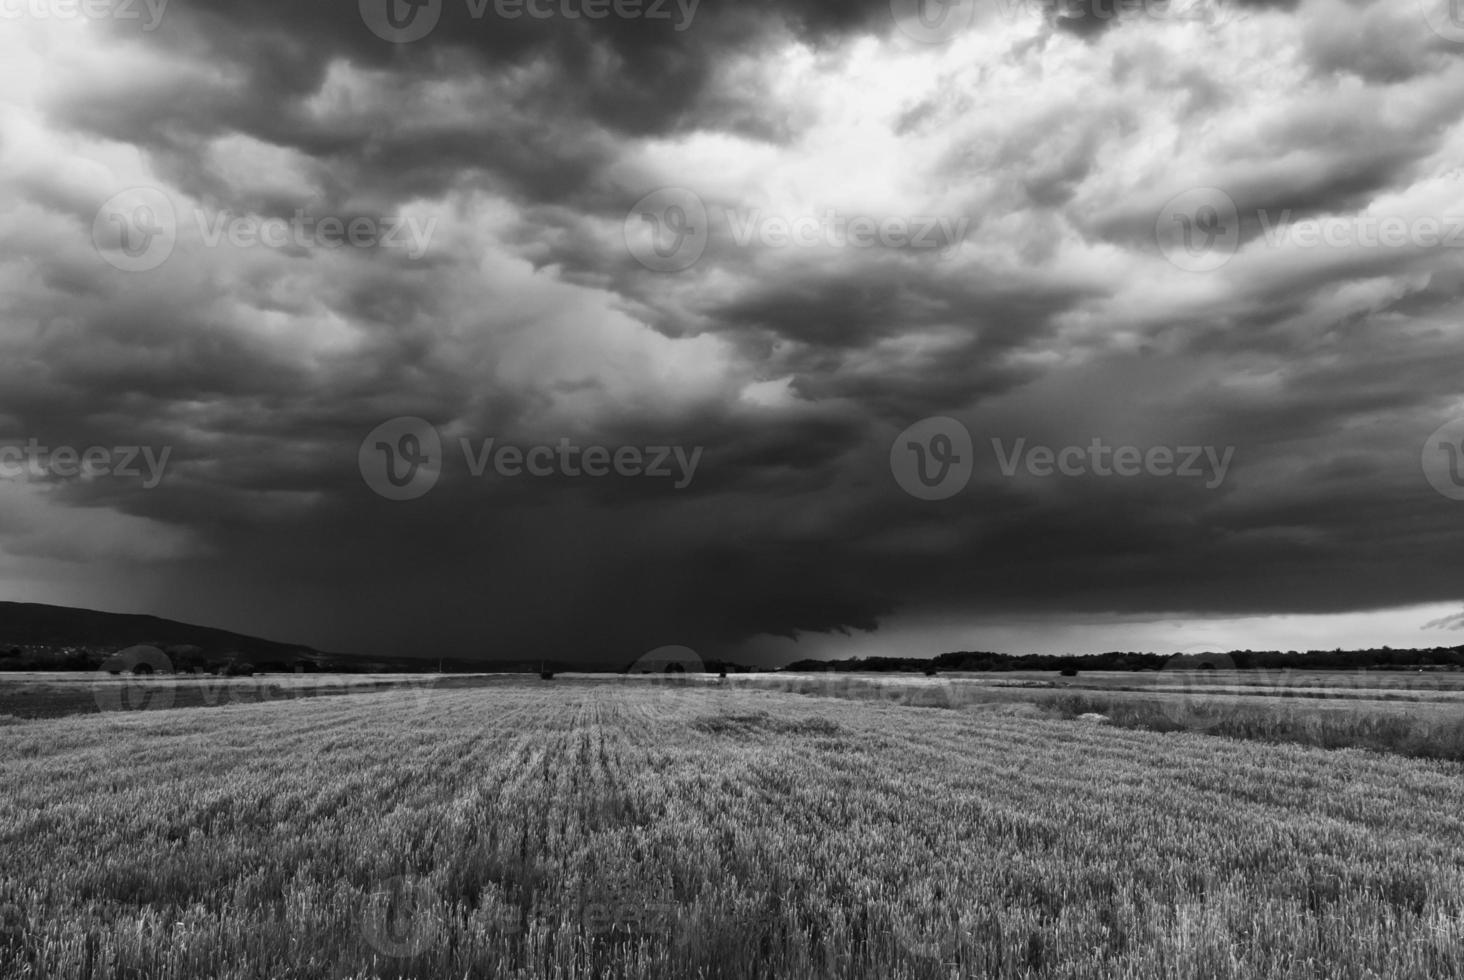 antes da tempestade foto